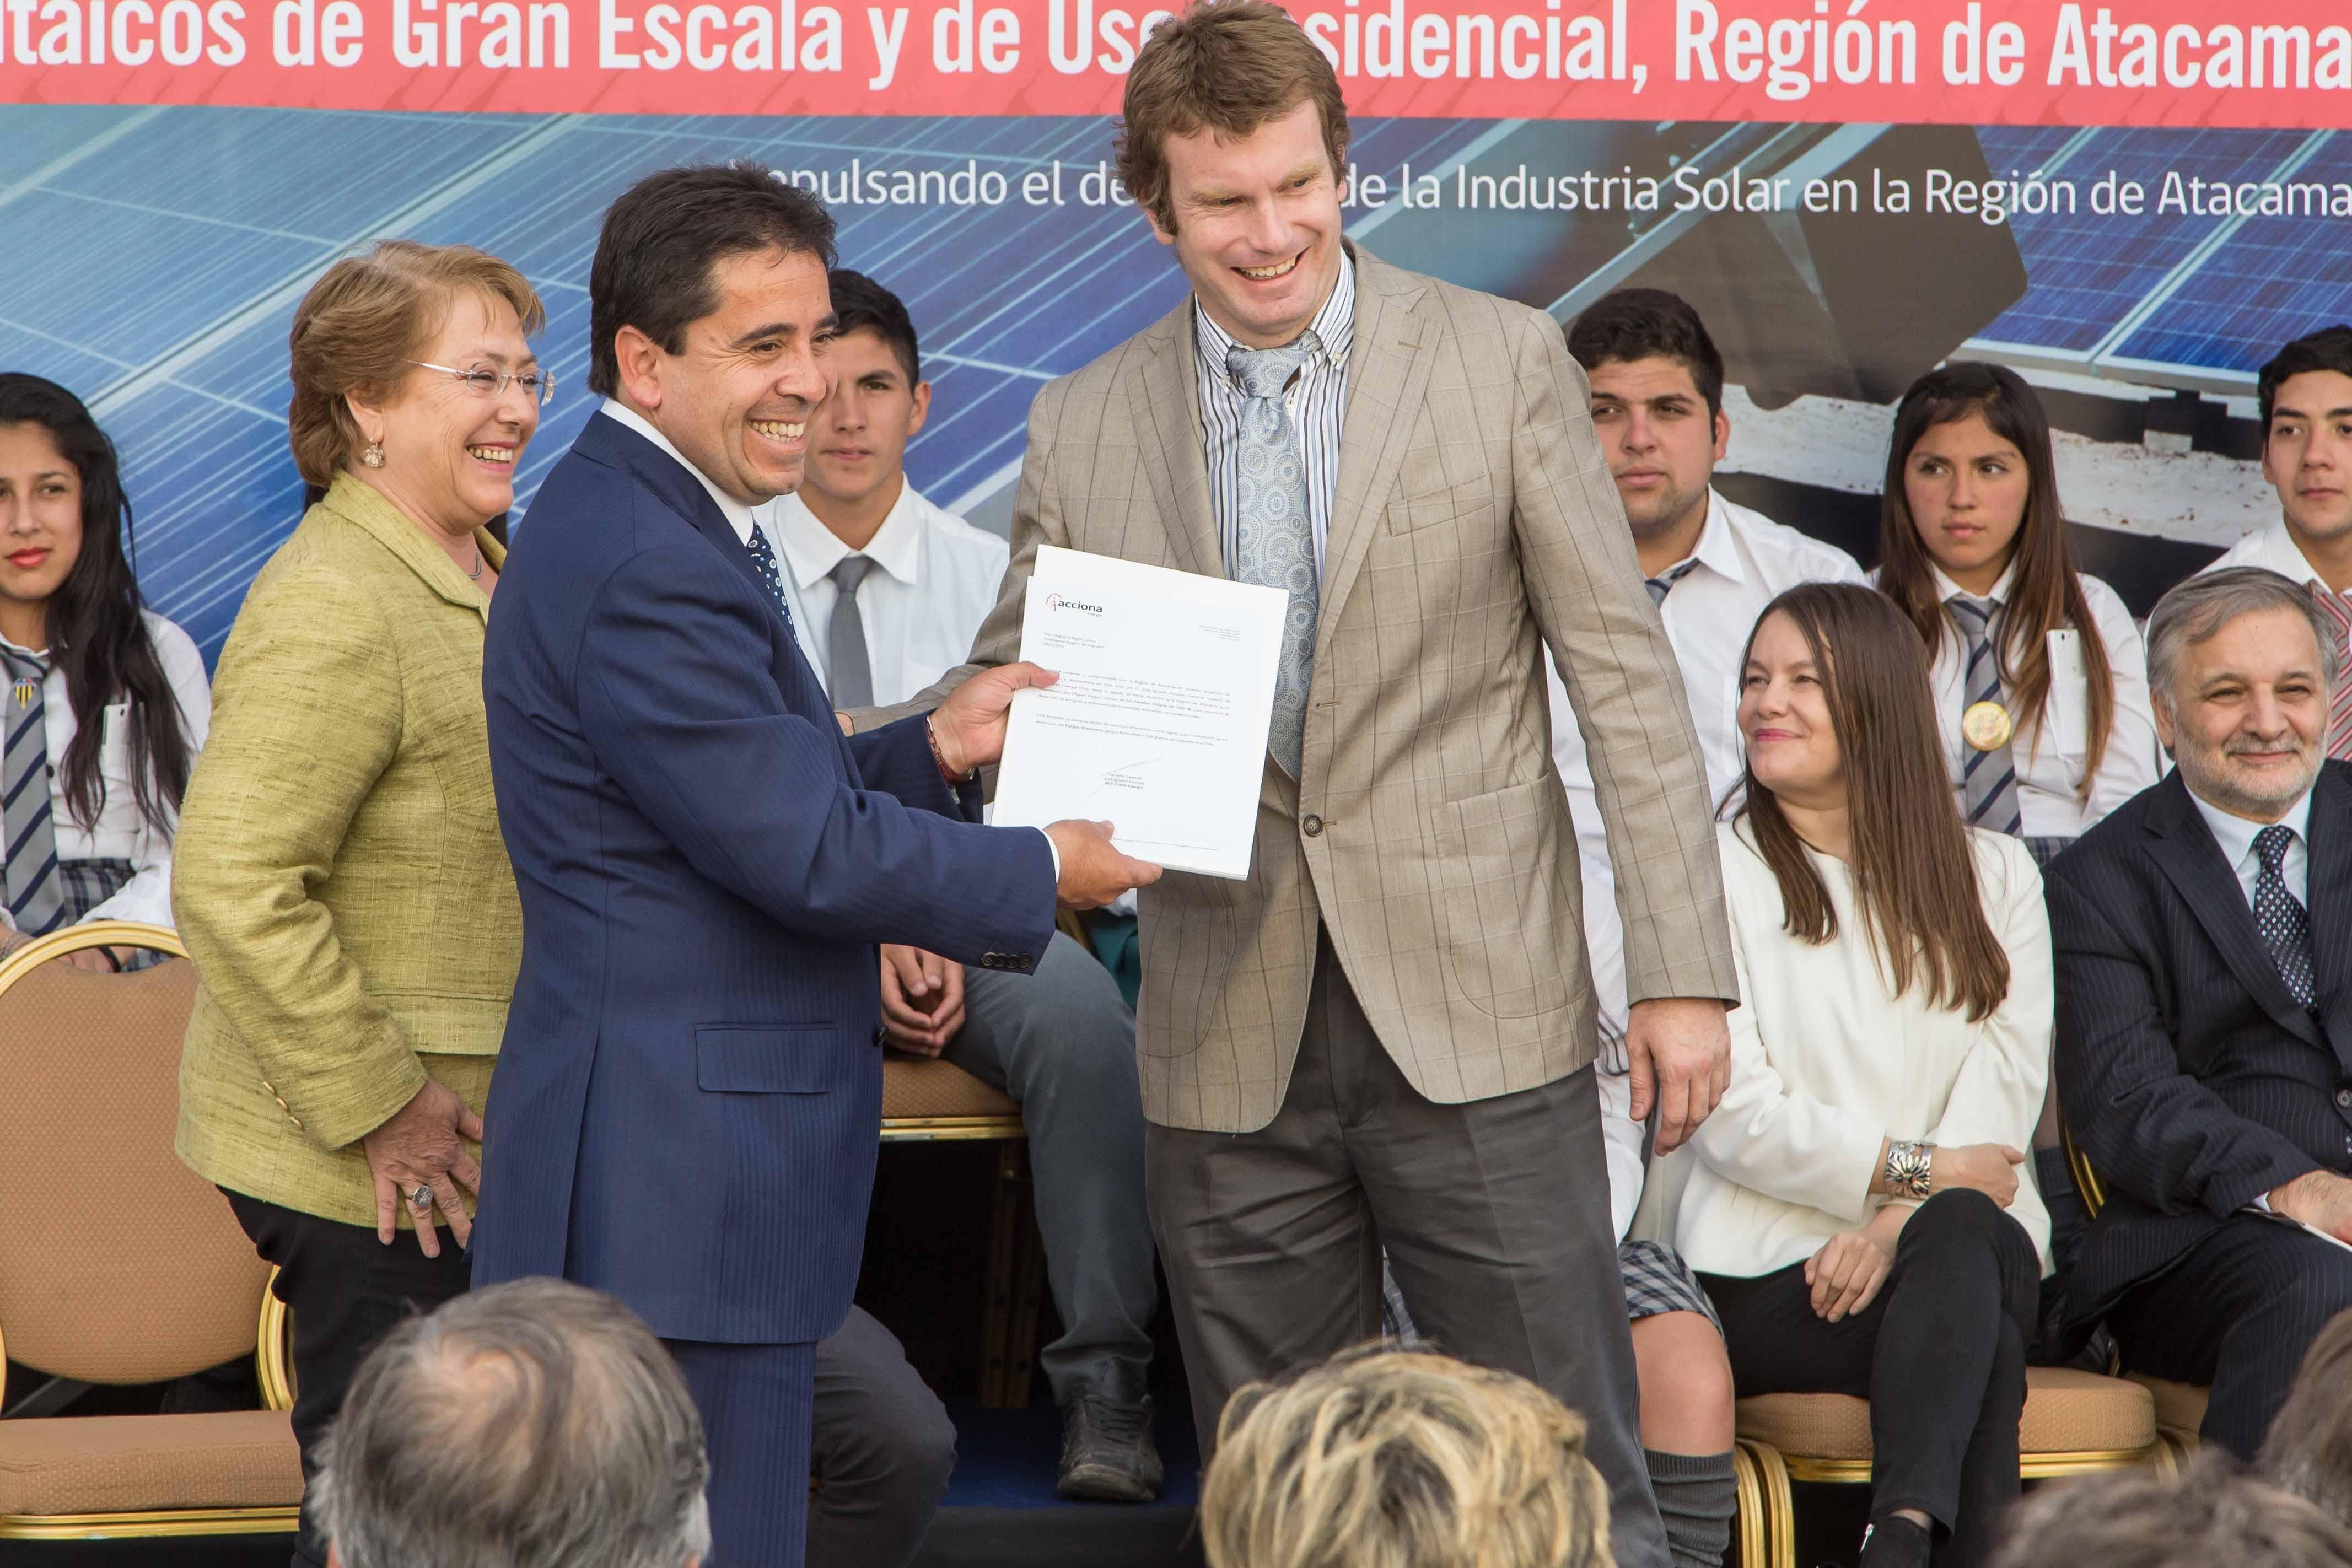 """Construcción de parque eólico """"El Romero solar"""" creará más de 450 puestos de trabajo en Vallenar"""